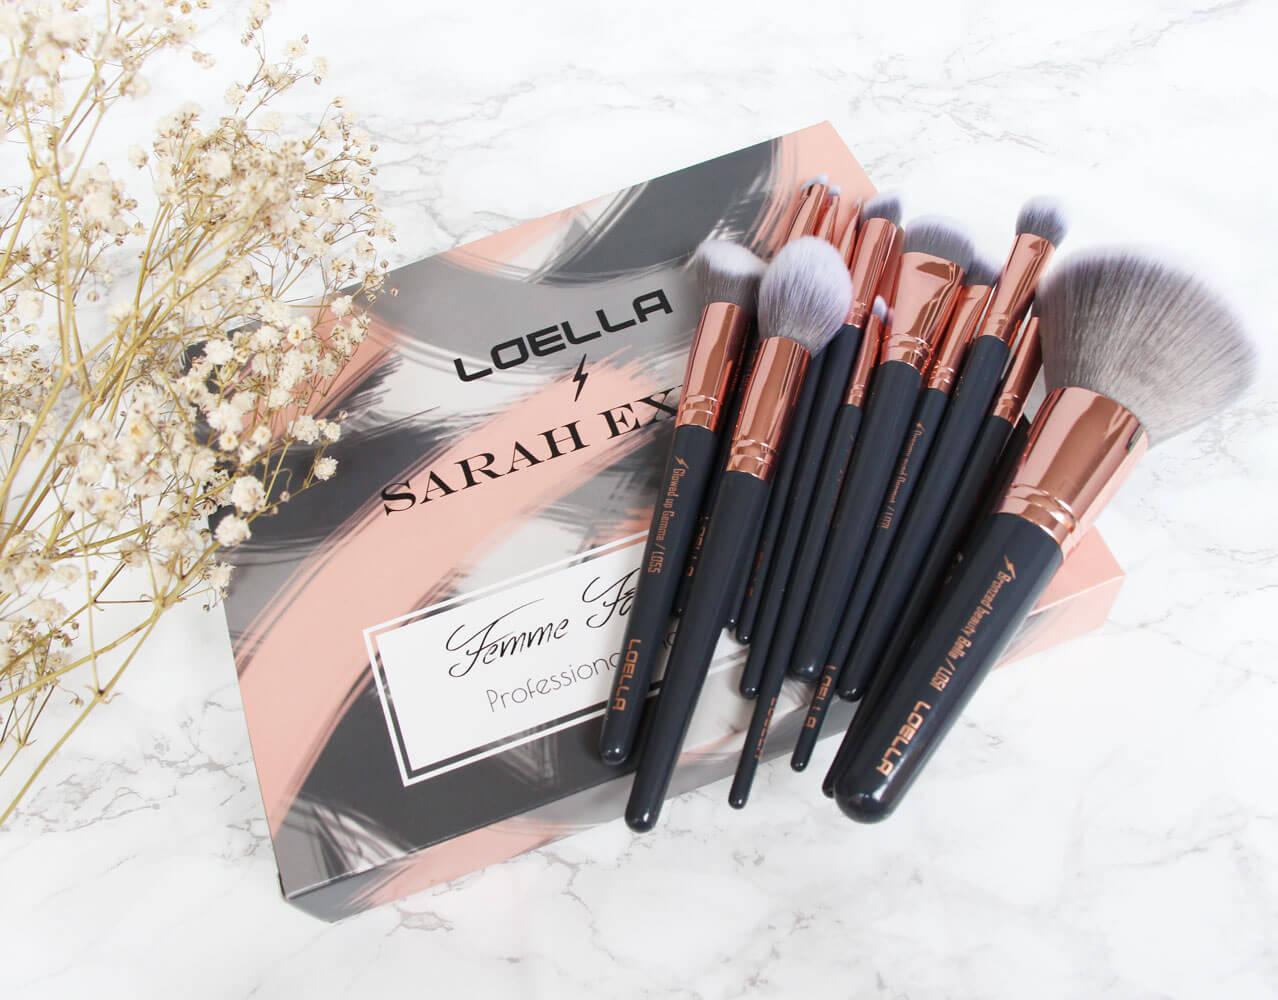 Loella Cosmetics Verpackung mit Pinseln oben drauf